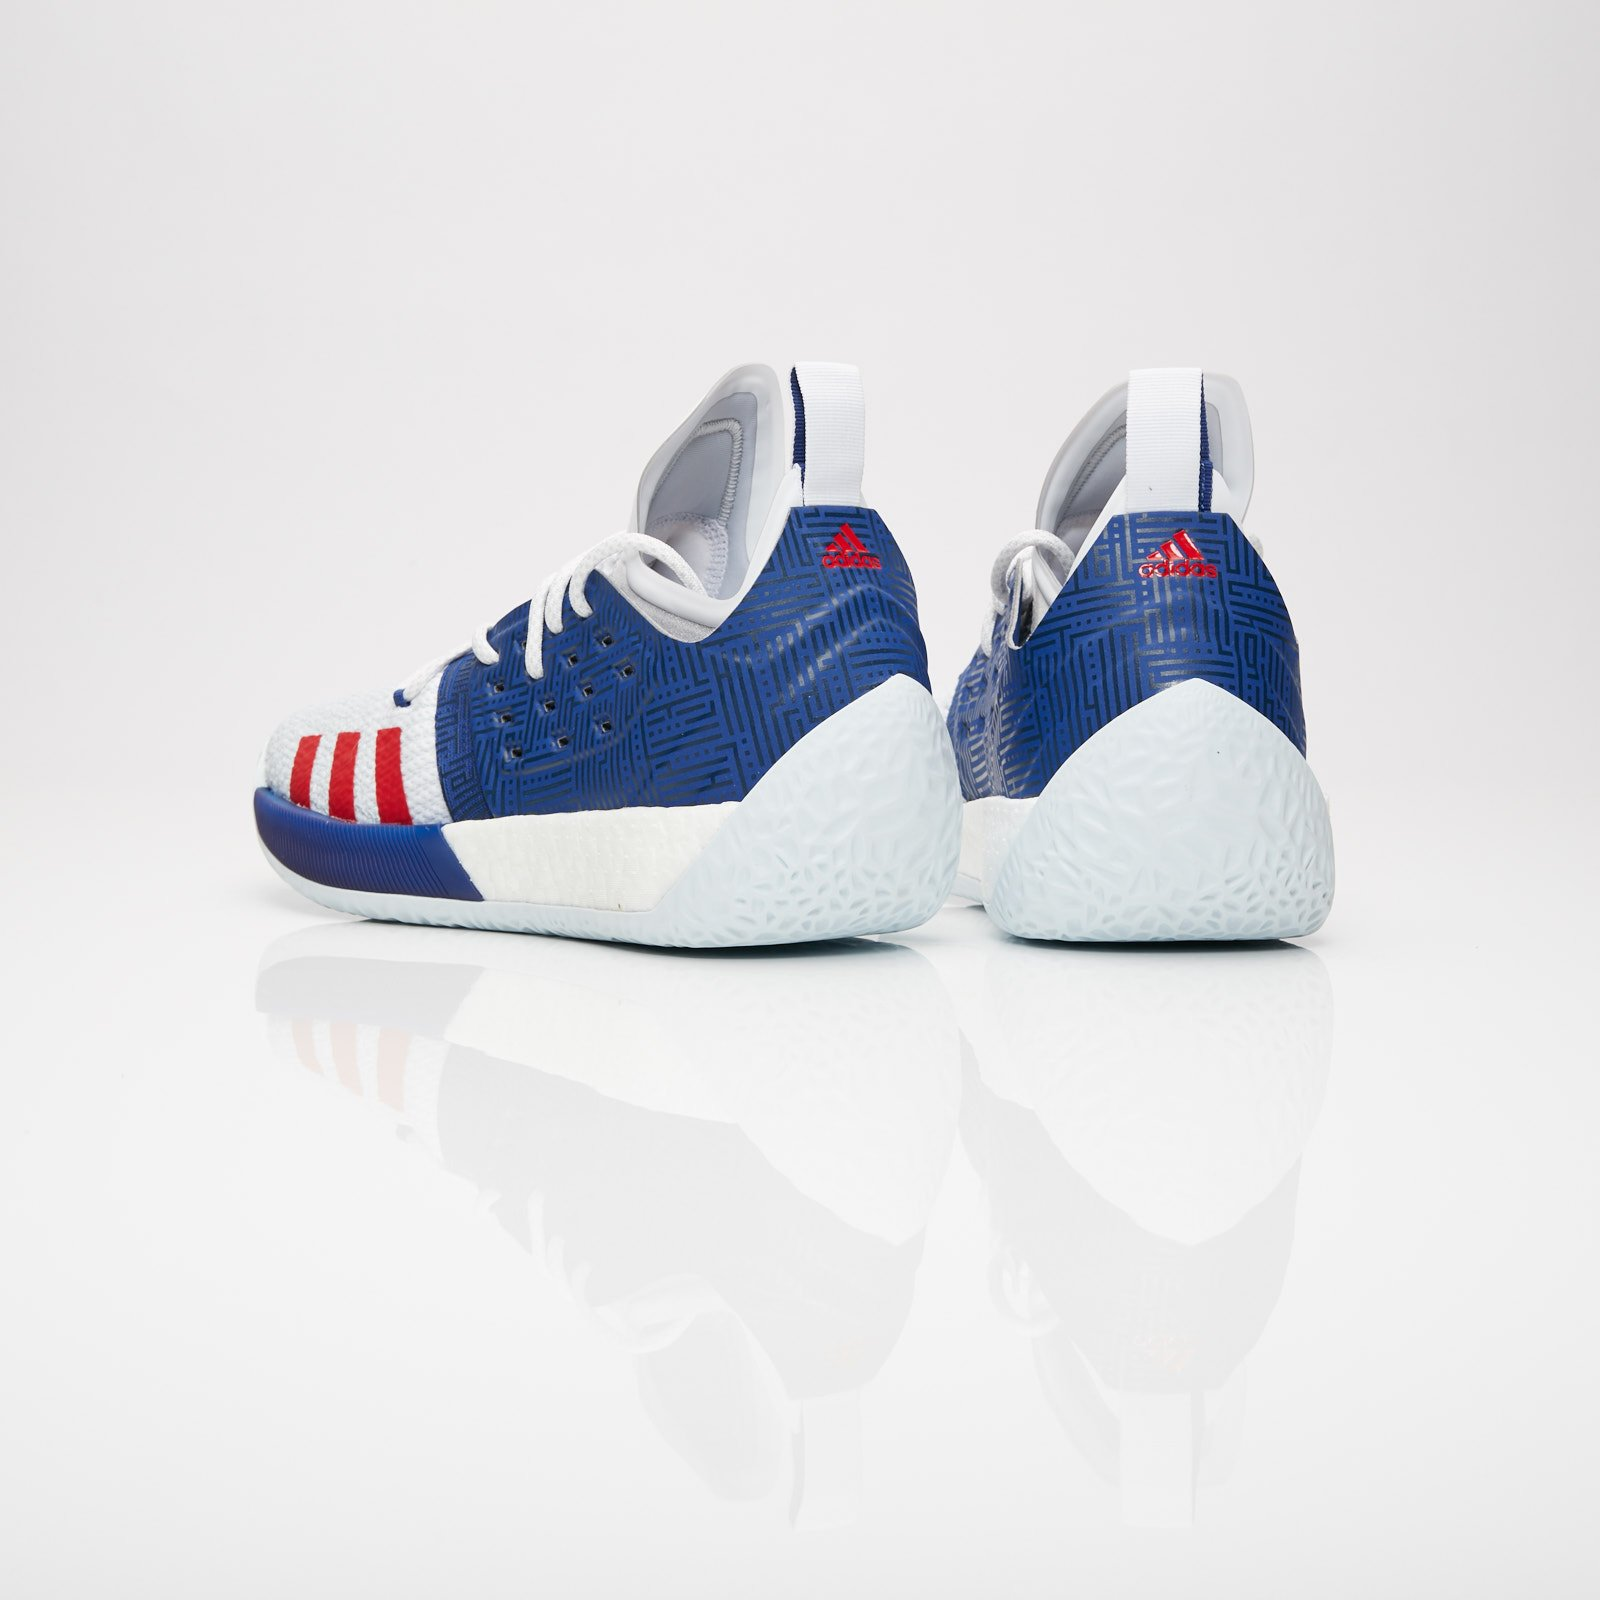 8d79b1746f3 adidas Harden Vol. 2 - Aq0026 - Sneakersnstuff